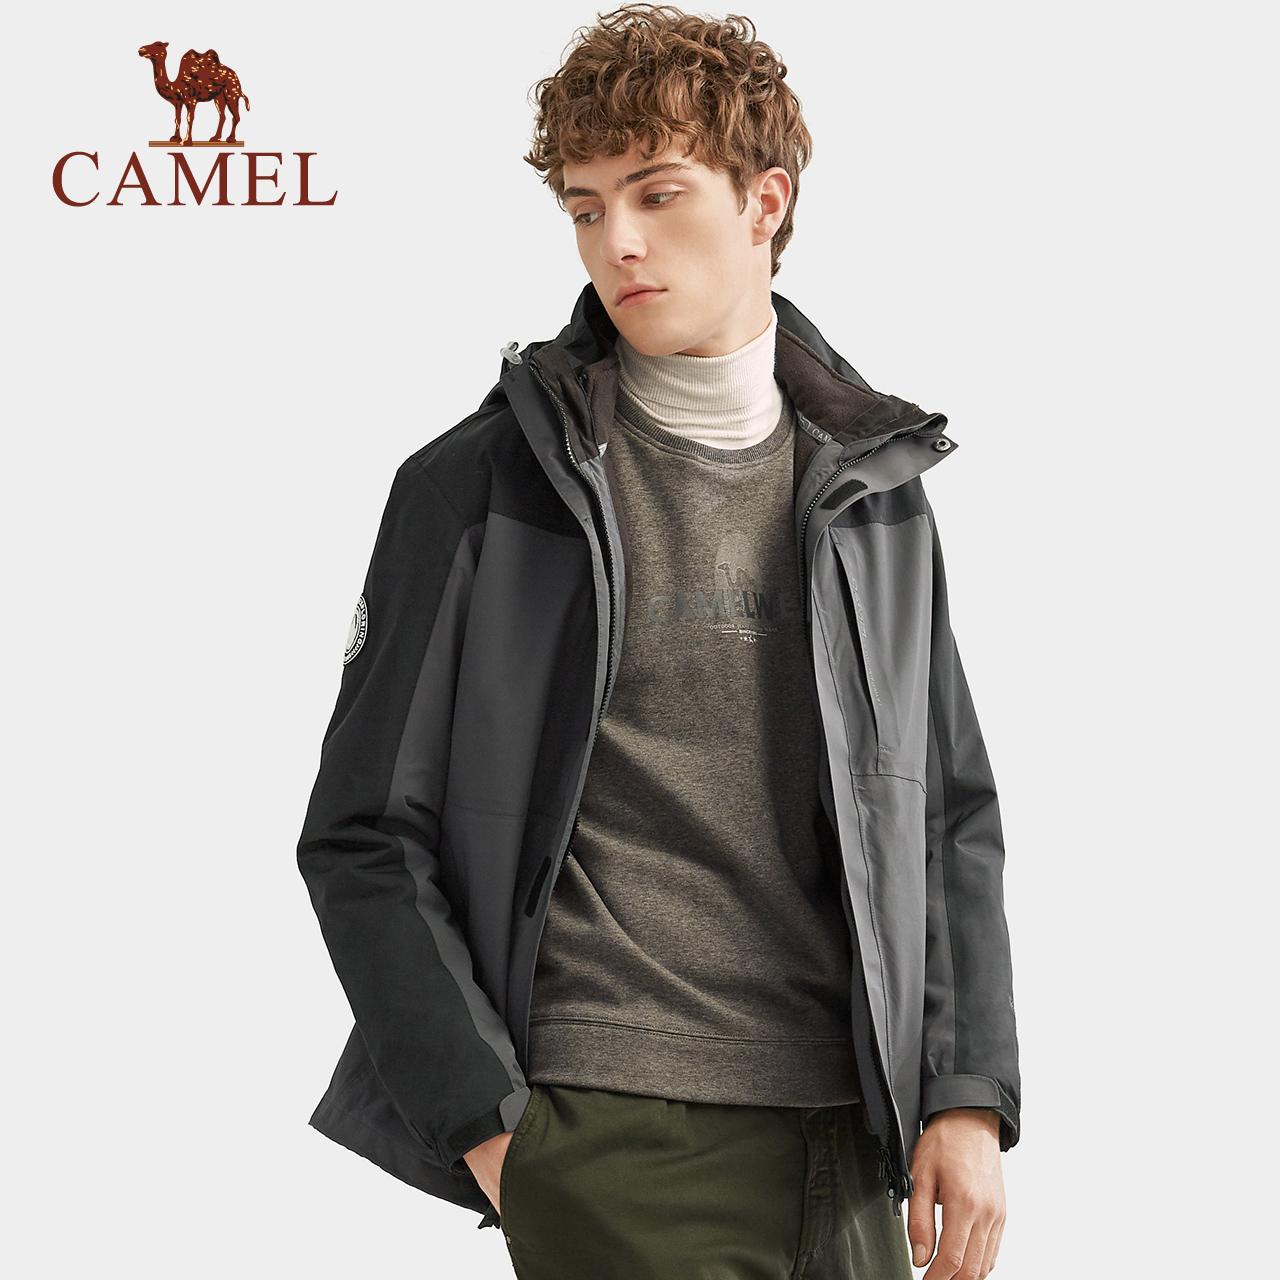 骆驼户外冲锋衣男装 秋冬新款防风保暖加厚三合一两件套冲锋衣  2019